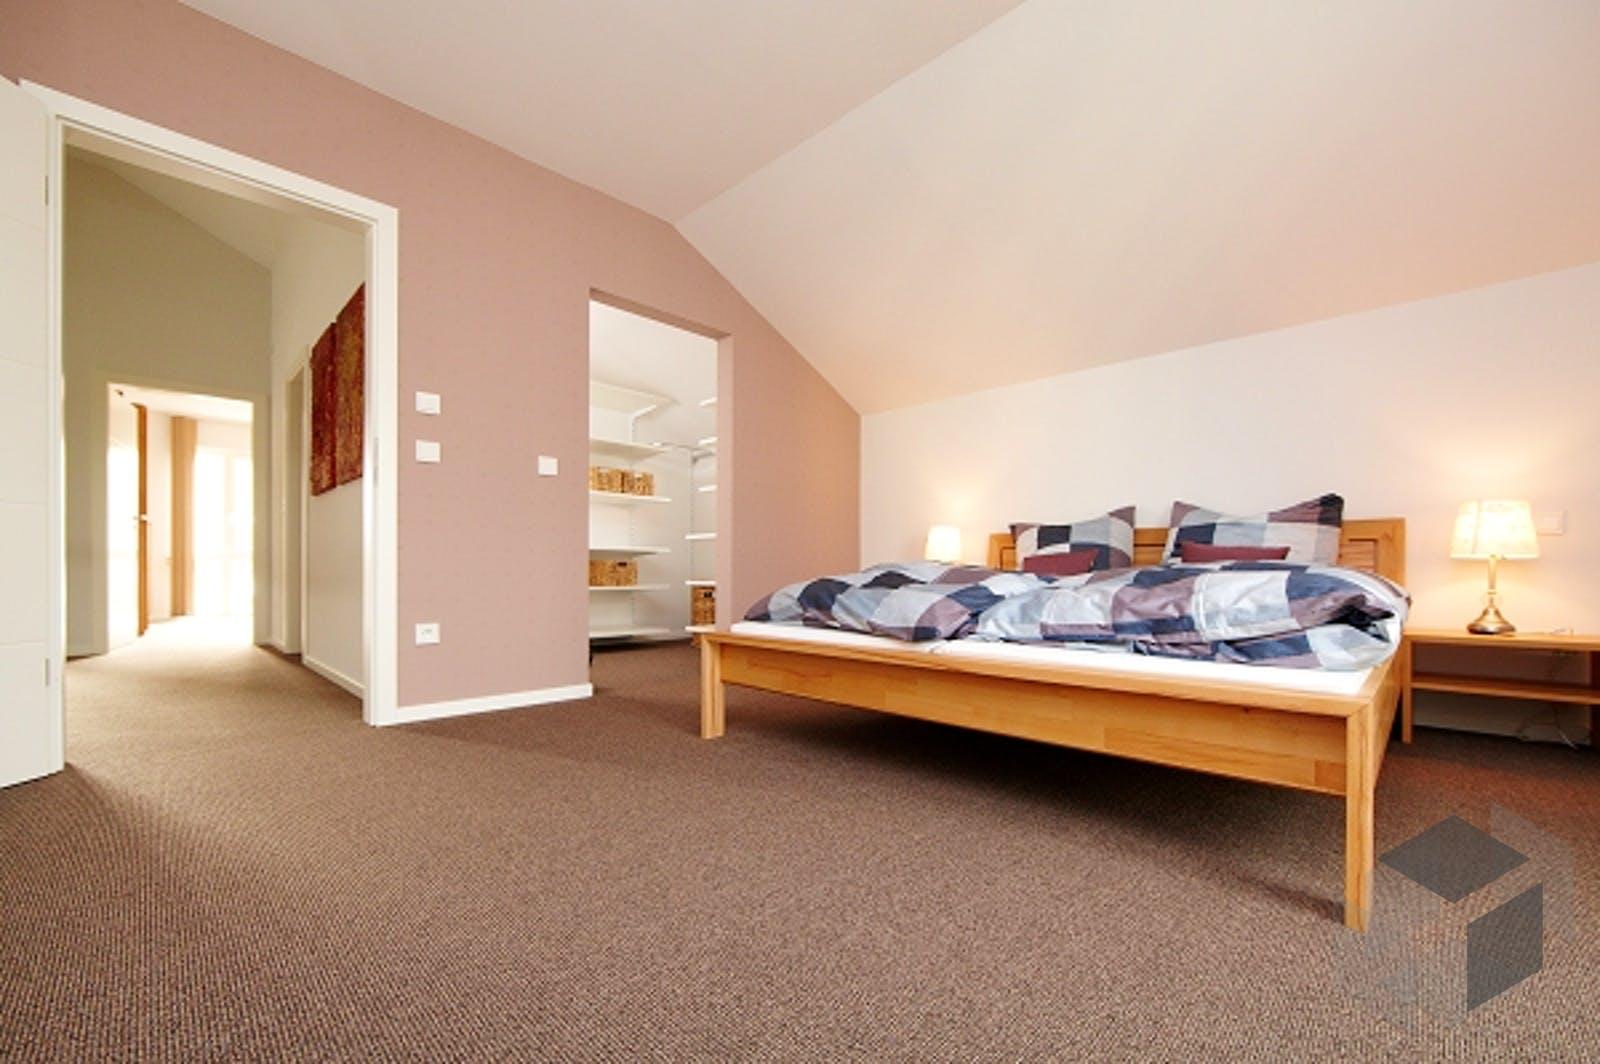 pappelallee kfw effizienzhaus 40 von gussek haus komplette daten bersicht. Black Bedroom Furniture Sets. Home Design Ideas